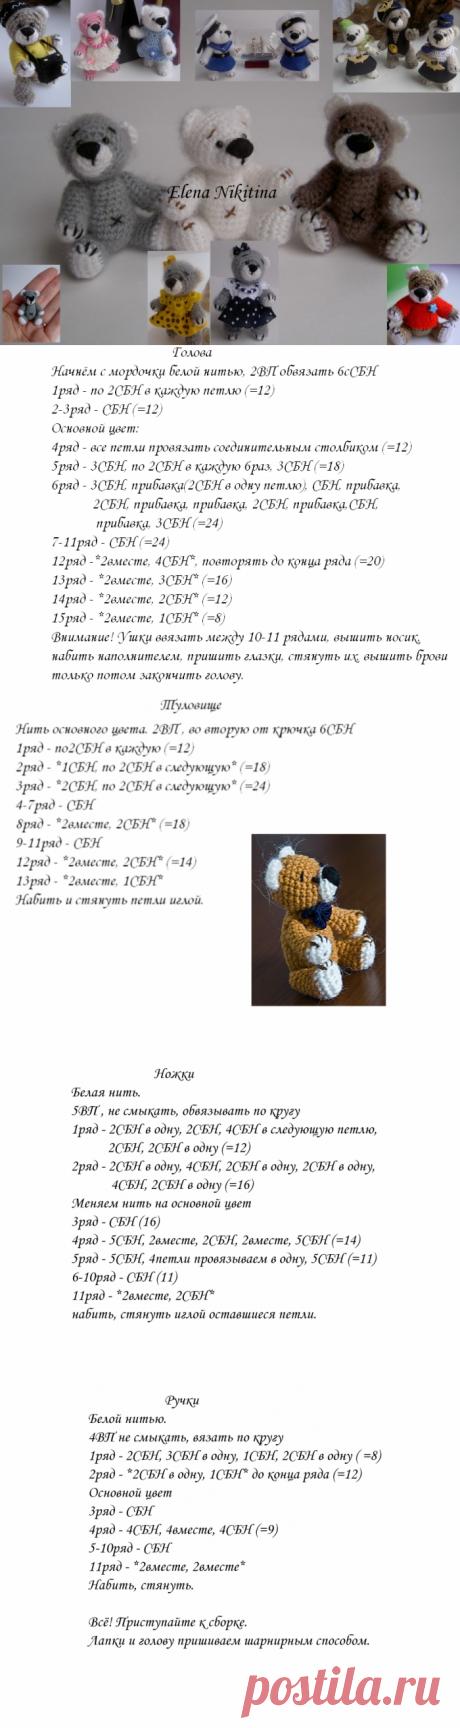 Мишки от Елены Никитиной